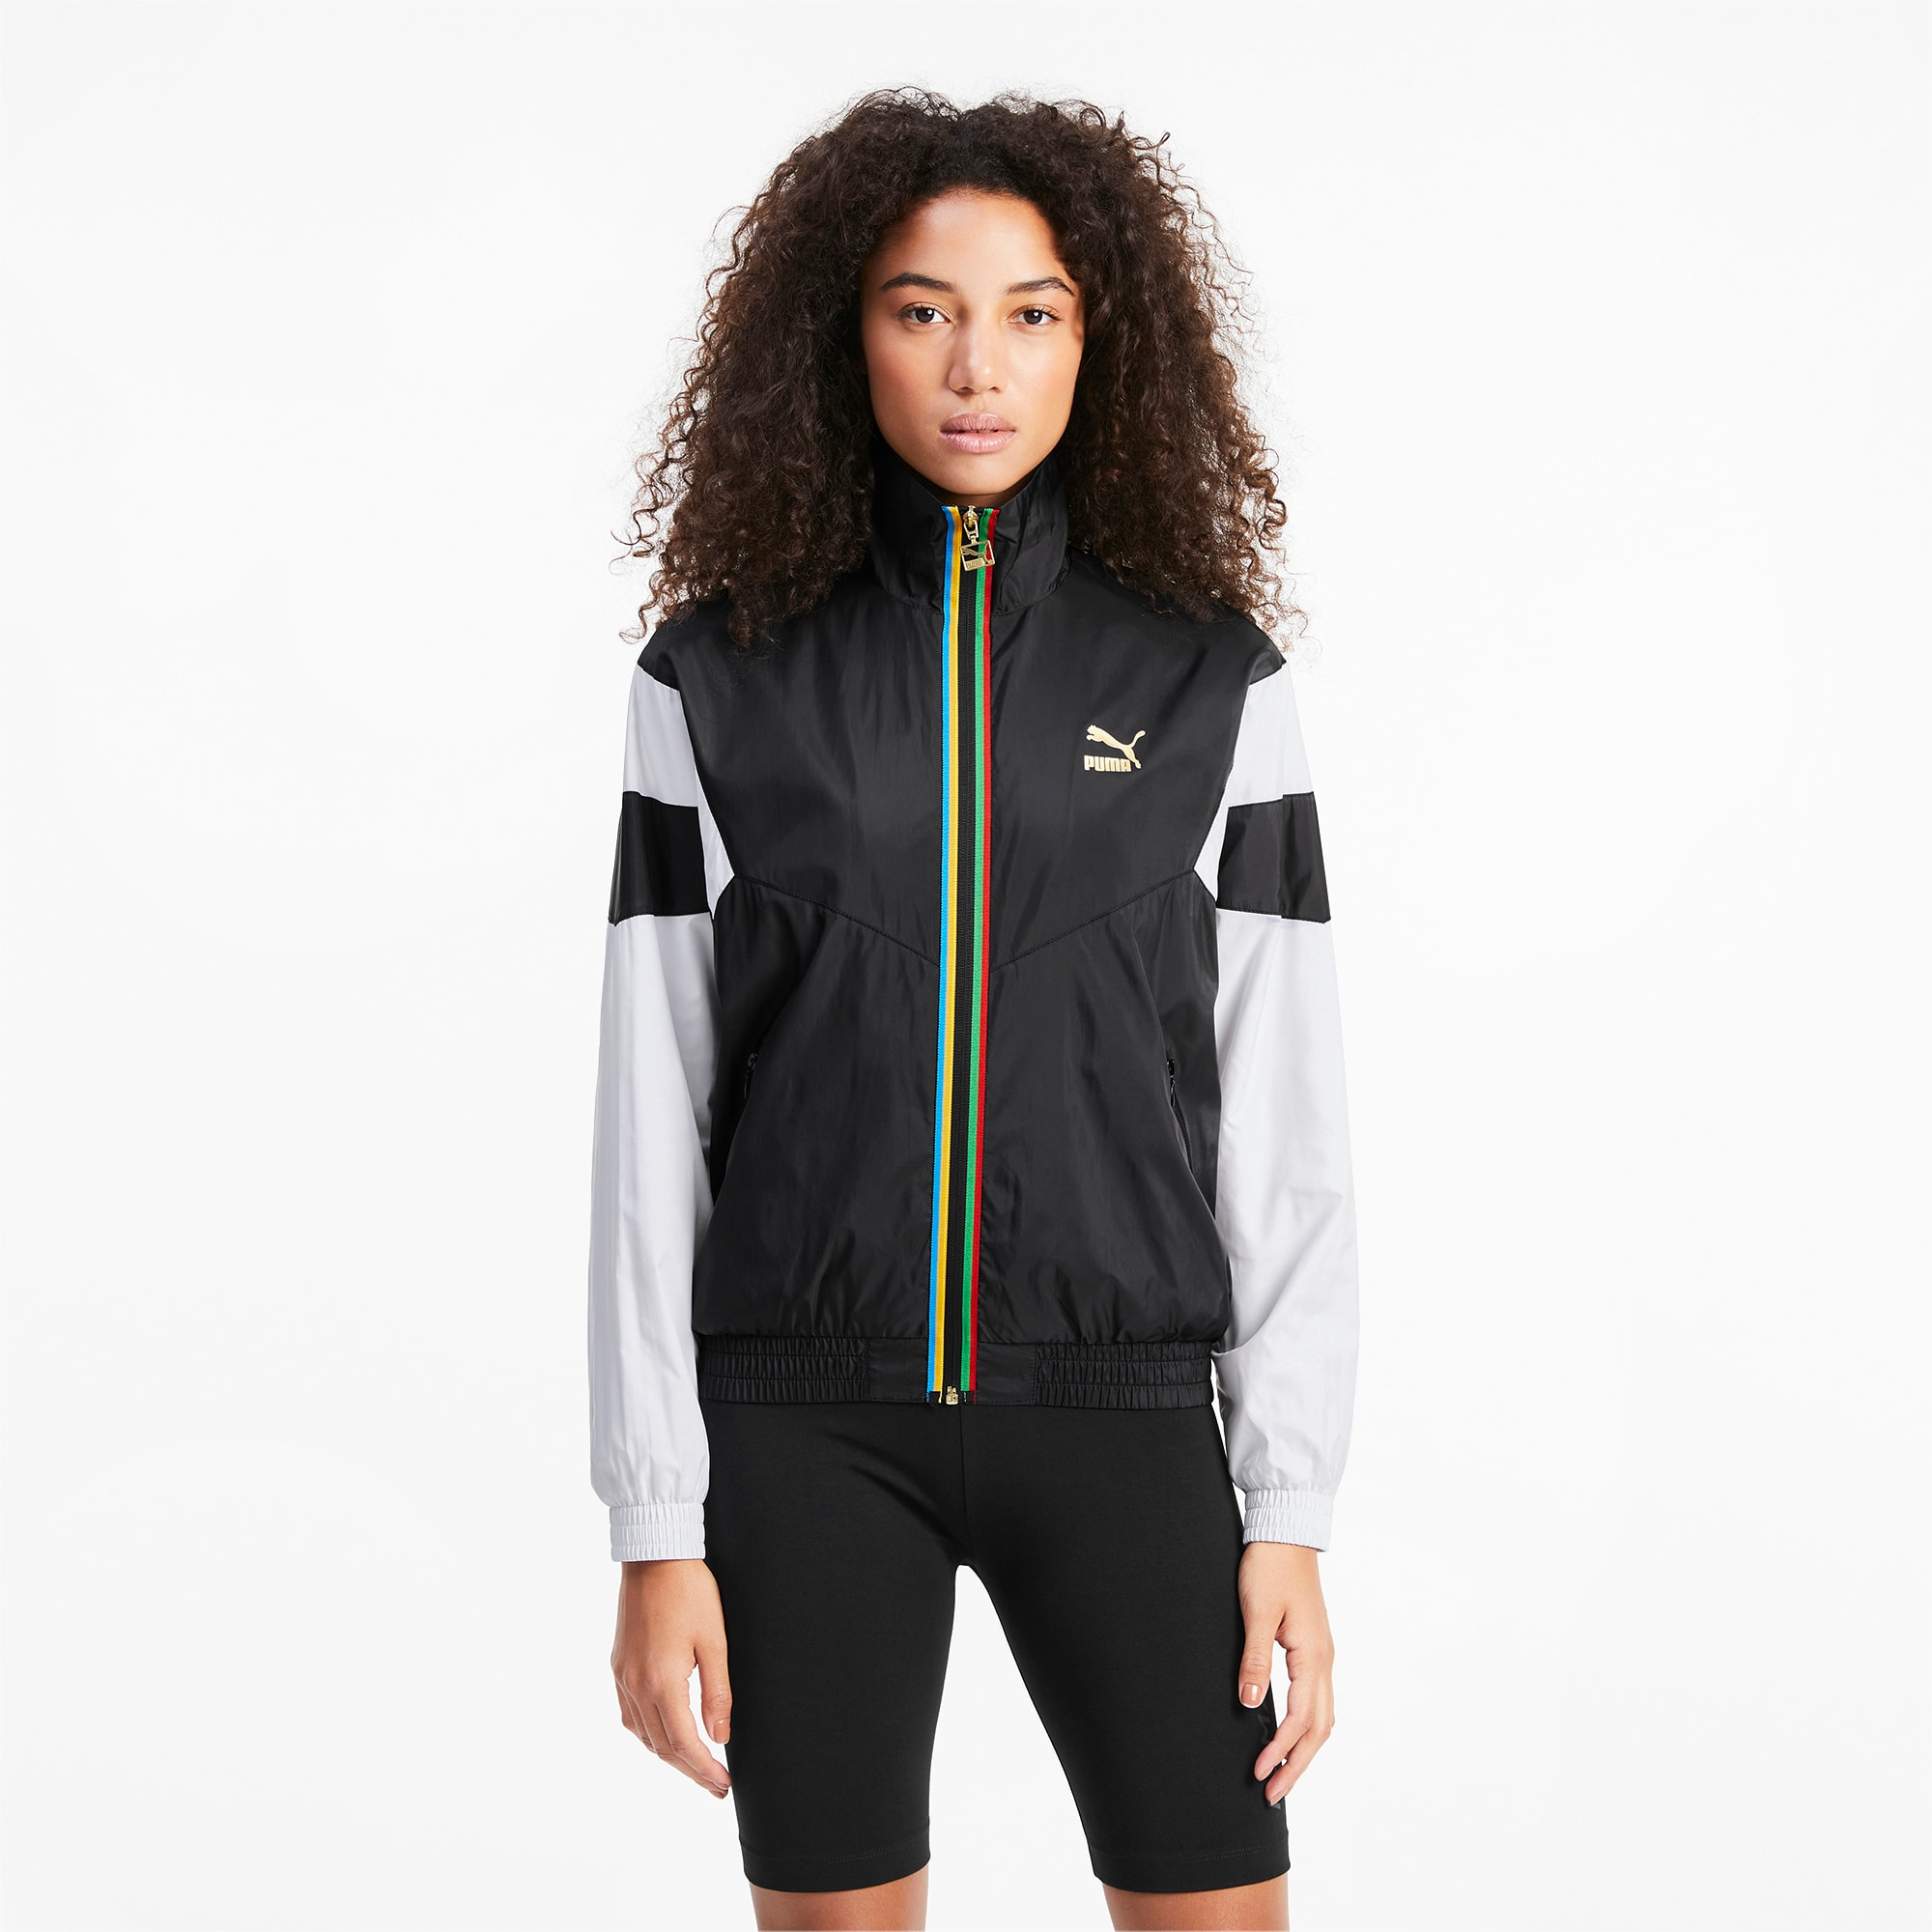 TFS Women's Track Jacket